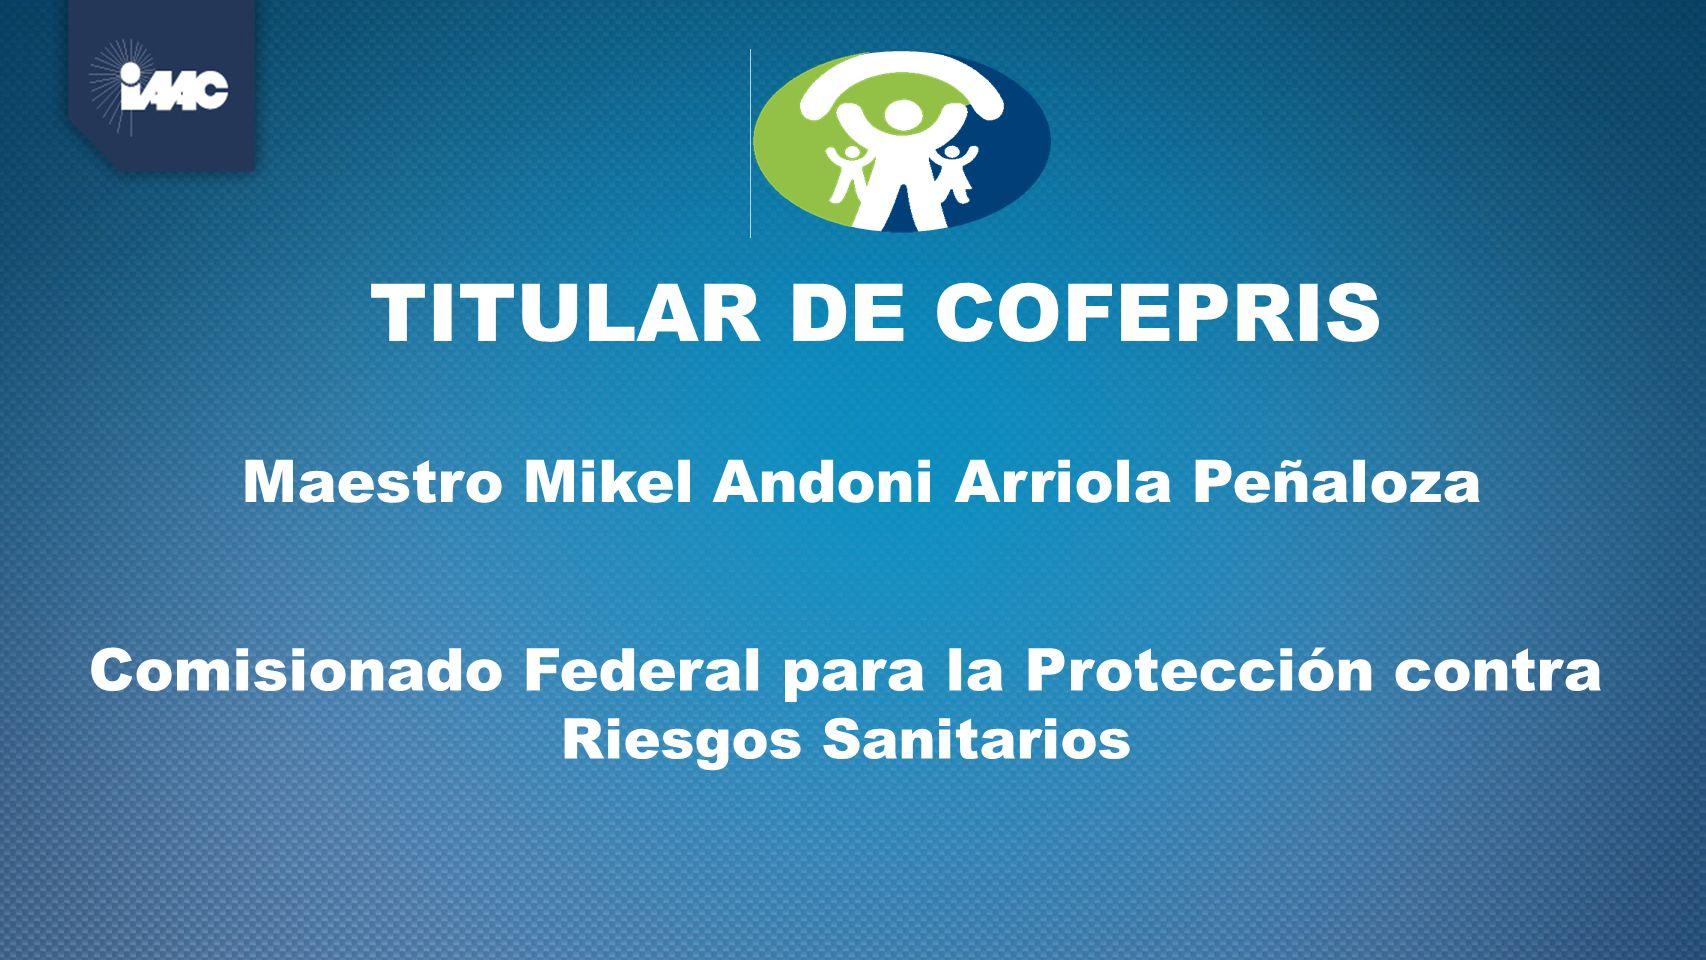 TITULAR DE COFEPRIS Maestro Mikel Andoni Arriola Peñaloza